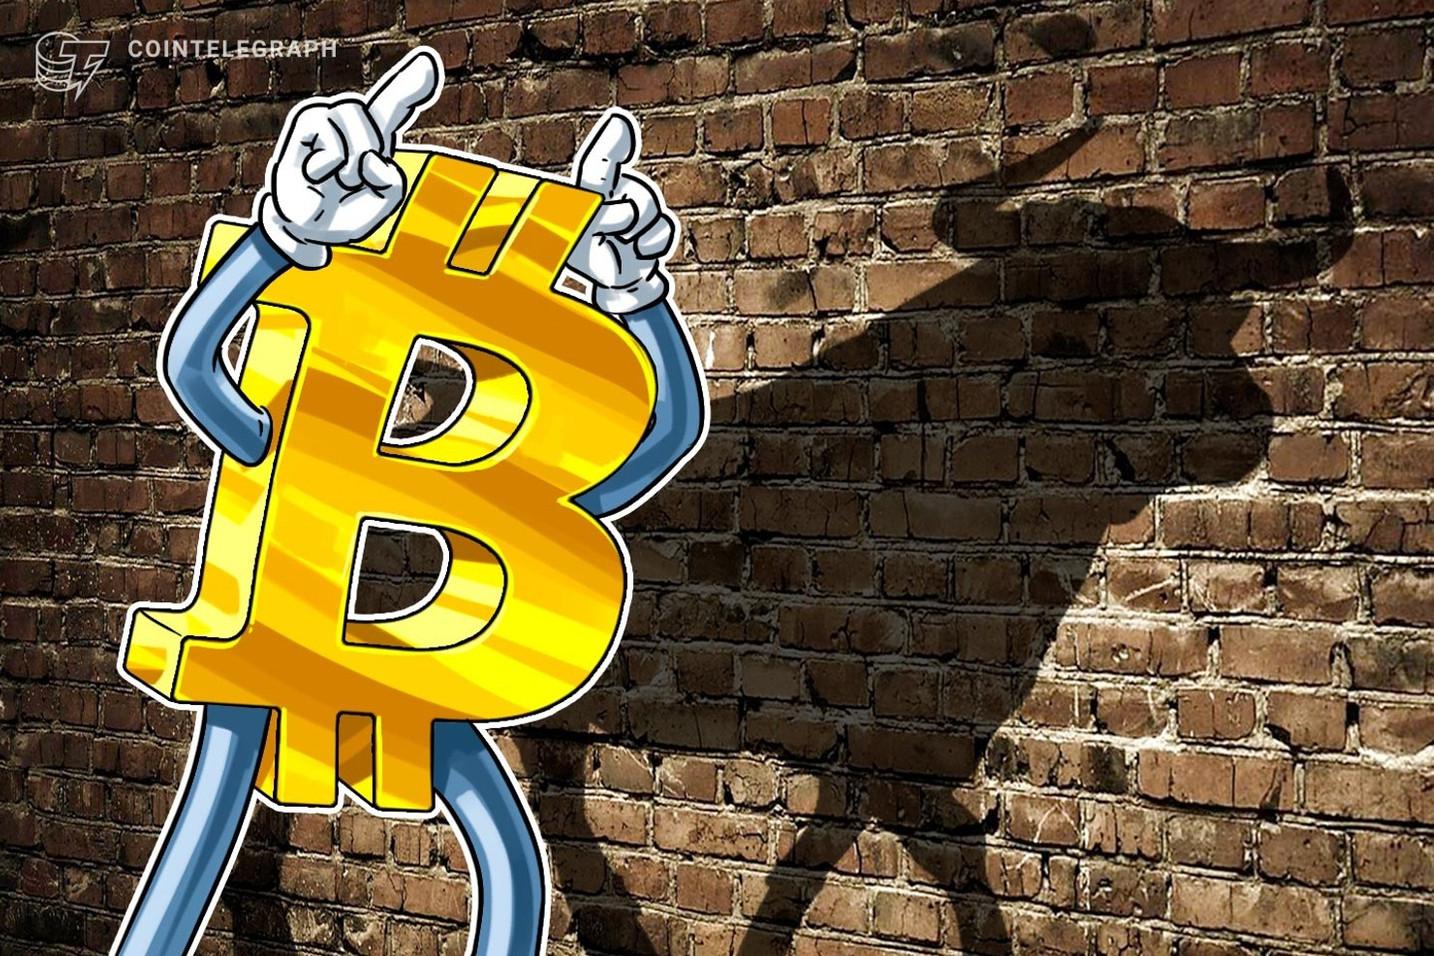 仮想通貨ビットコインに「グレートブルラン」のシグナル点灯|チェインリンクは爆騰、時価総額でLTC抜いて8位に